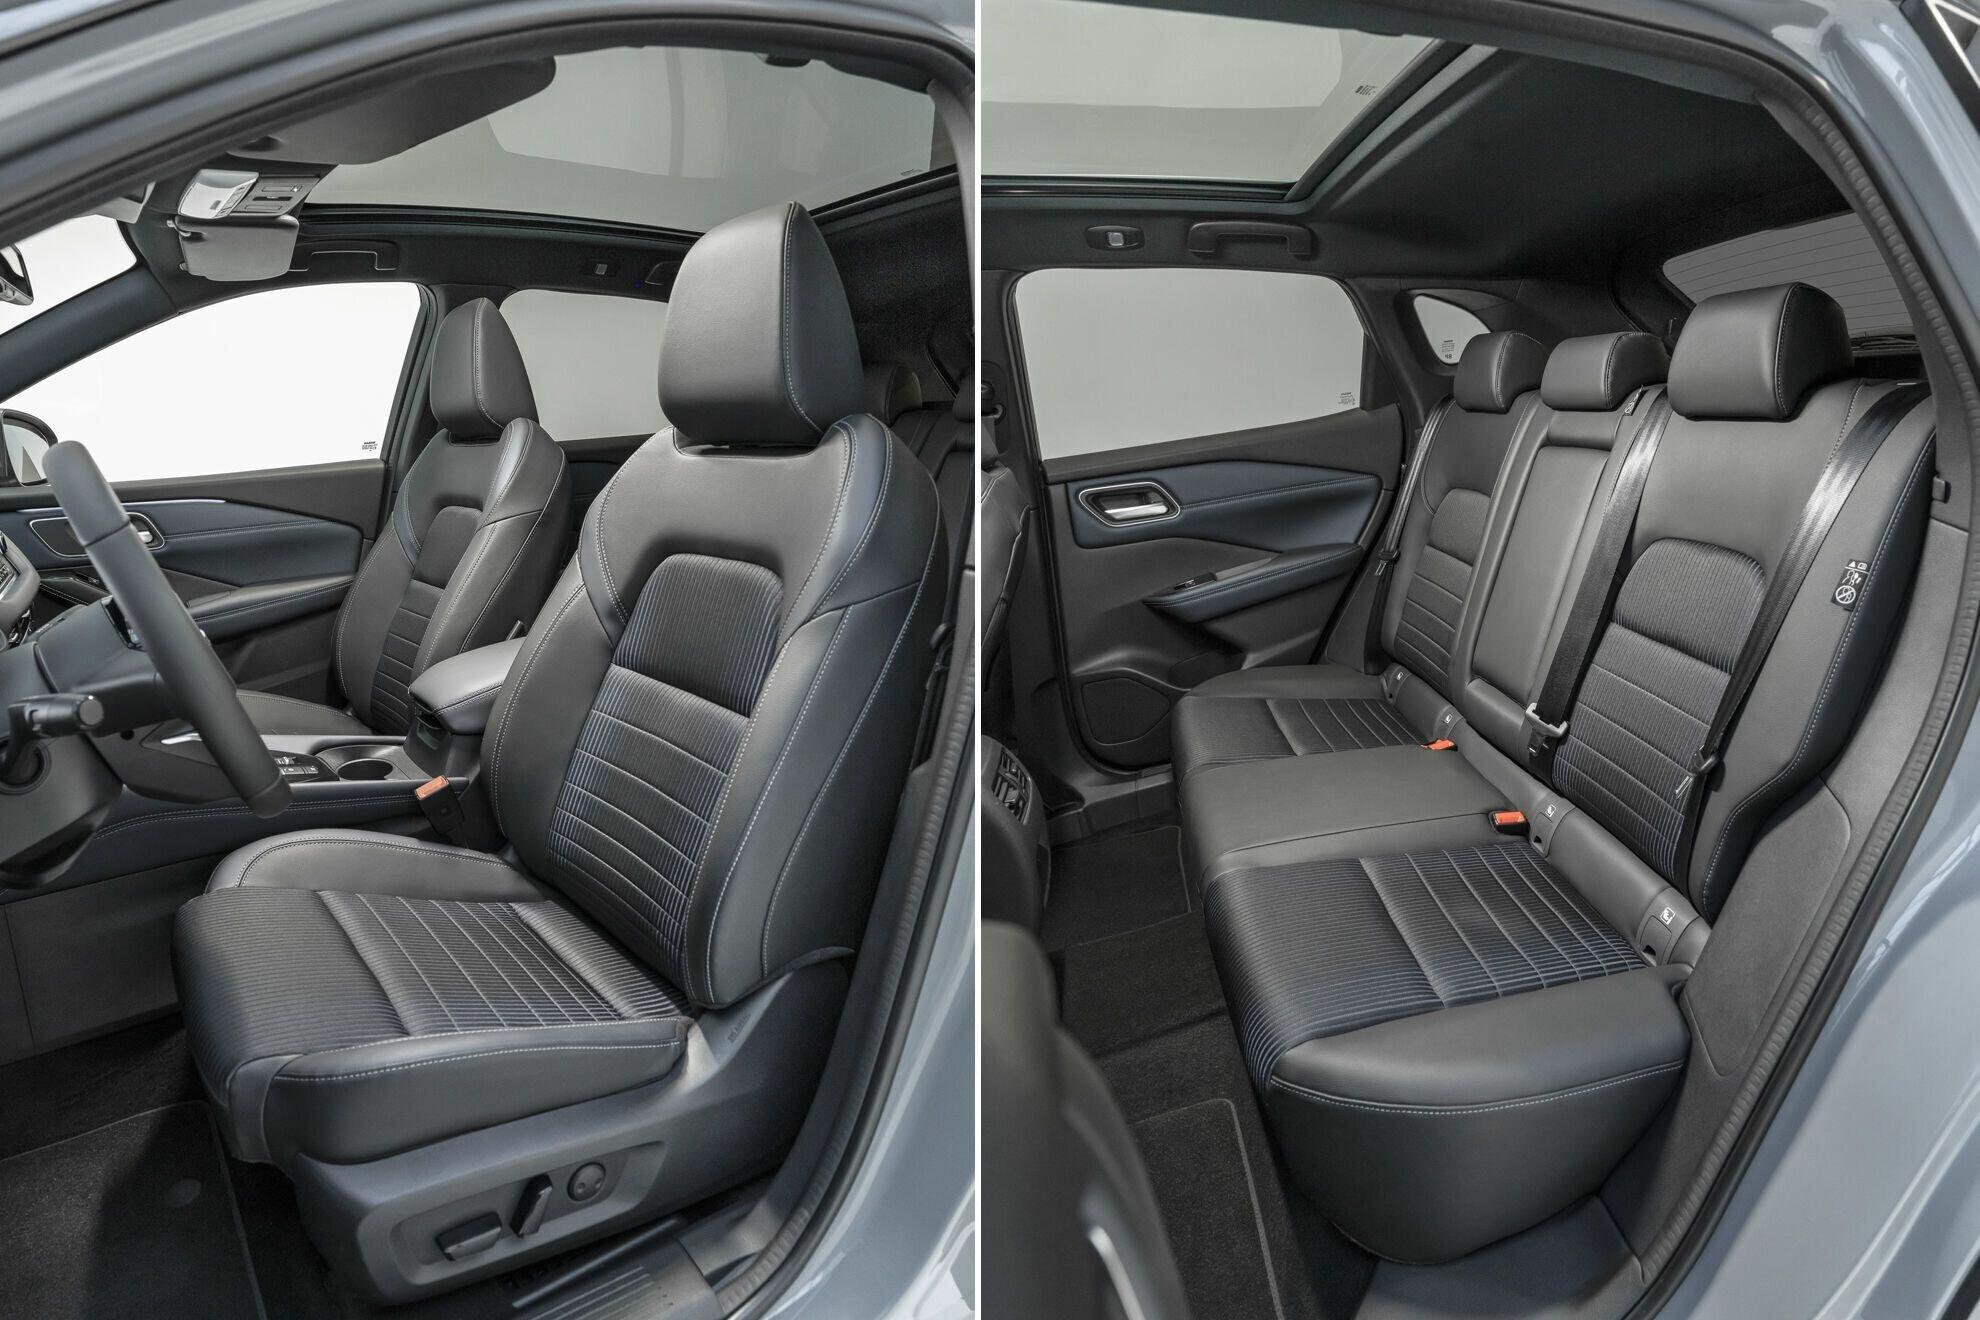 Водитель и пассажиры смогут ощутить преимущества увеличенного размера салона и багажного отделения